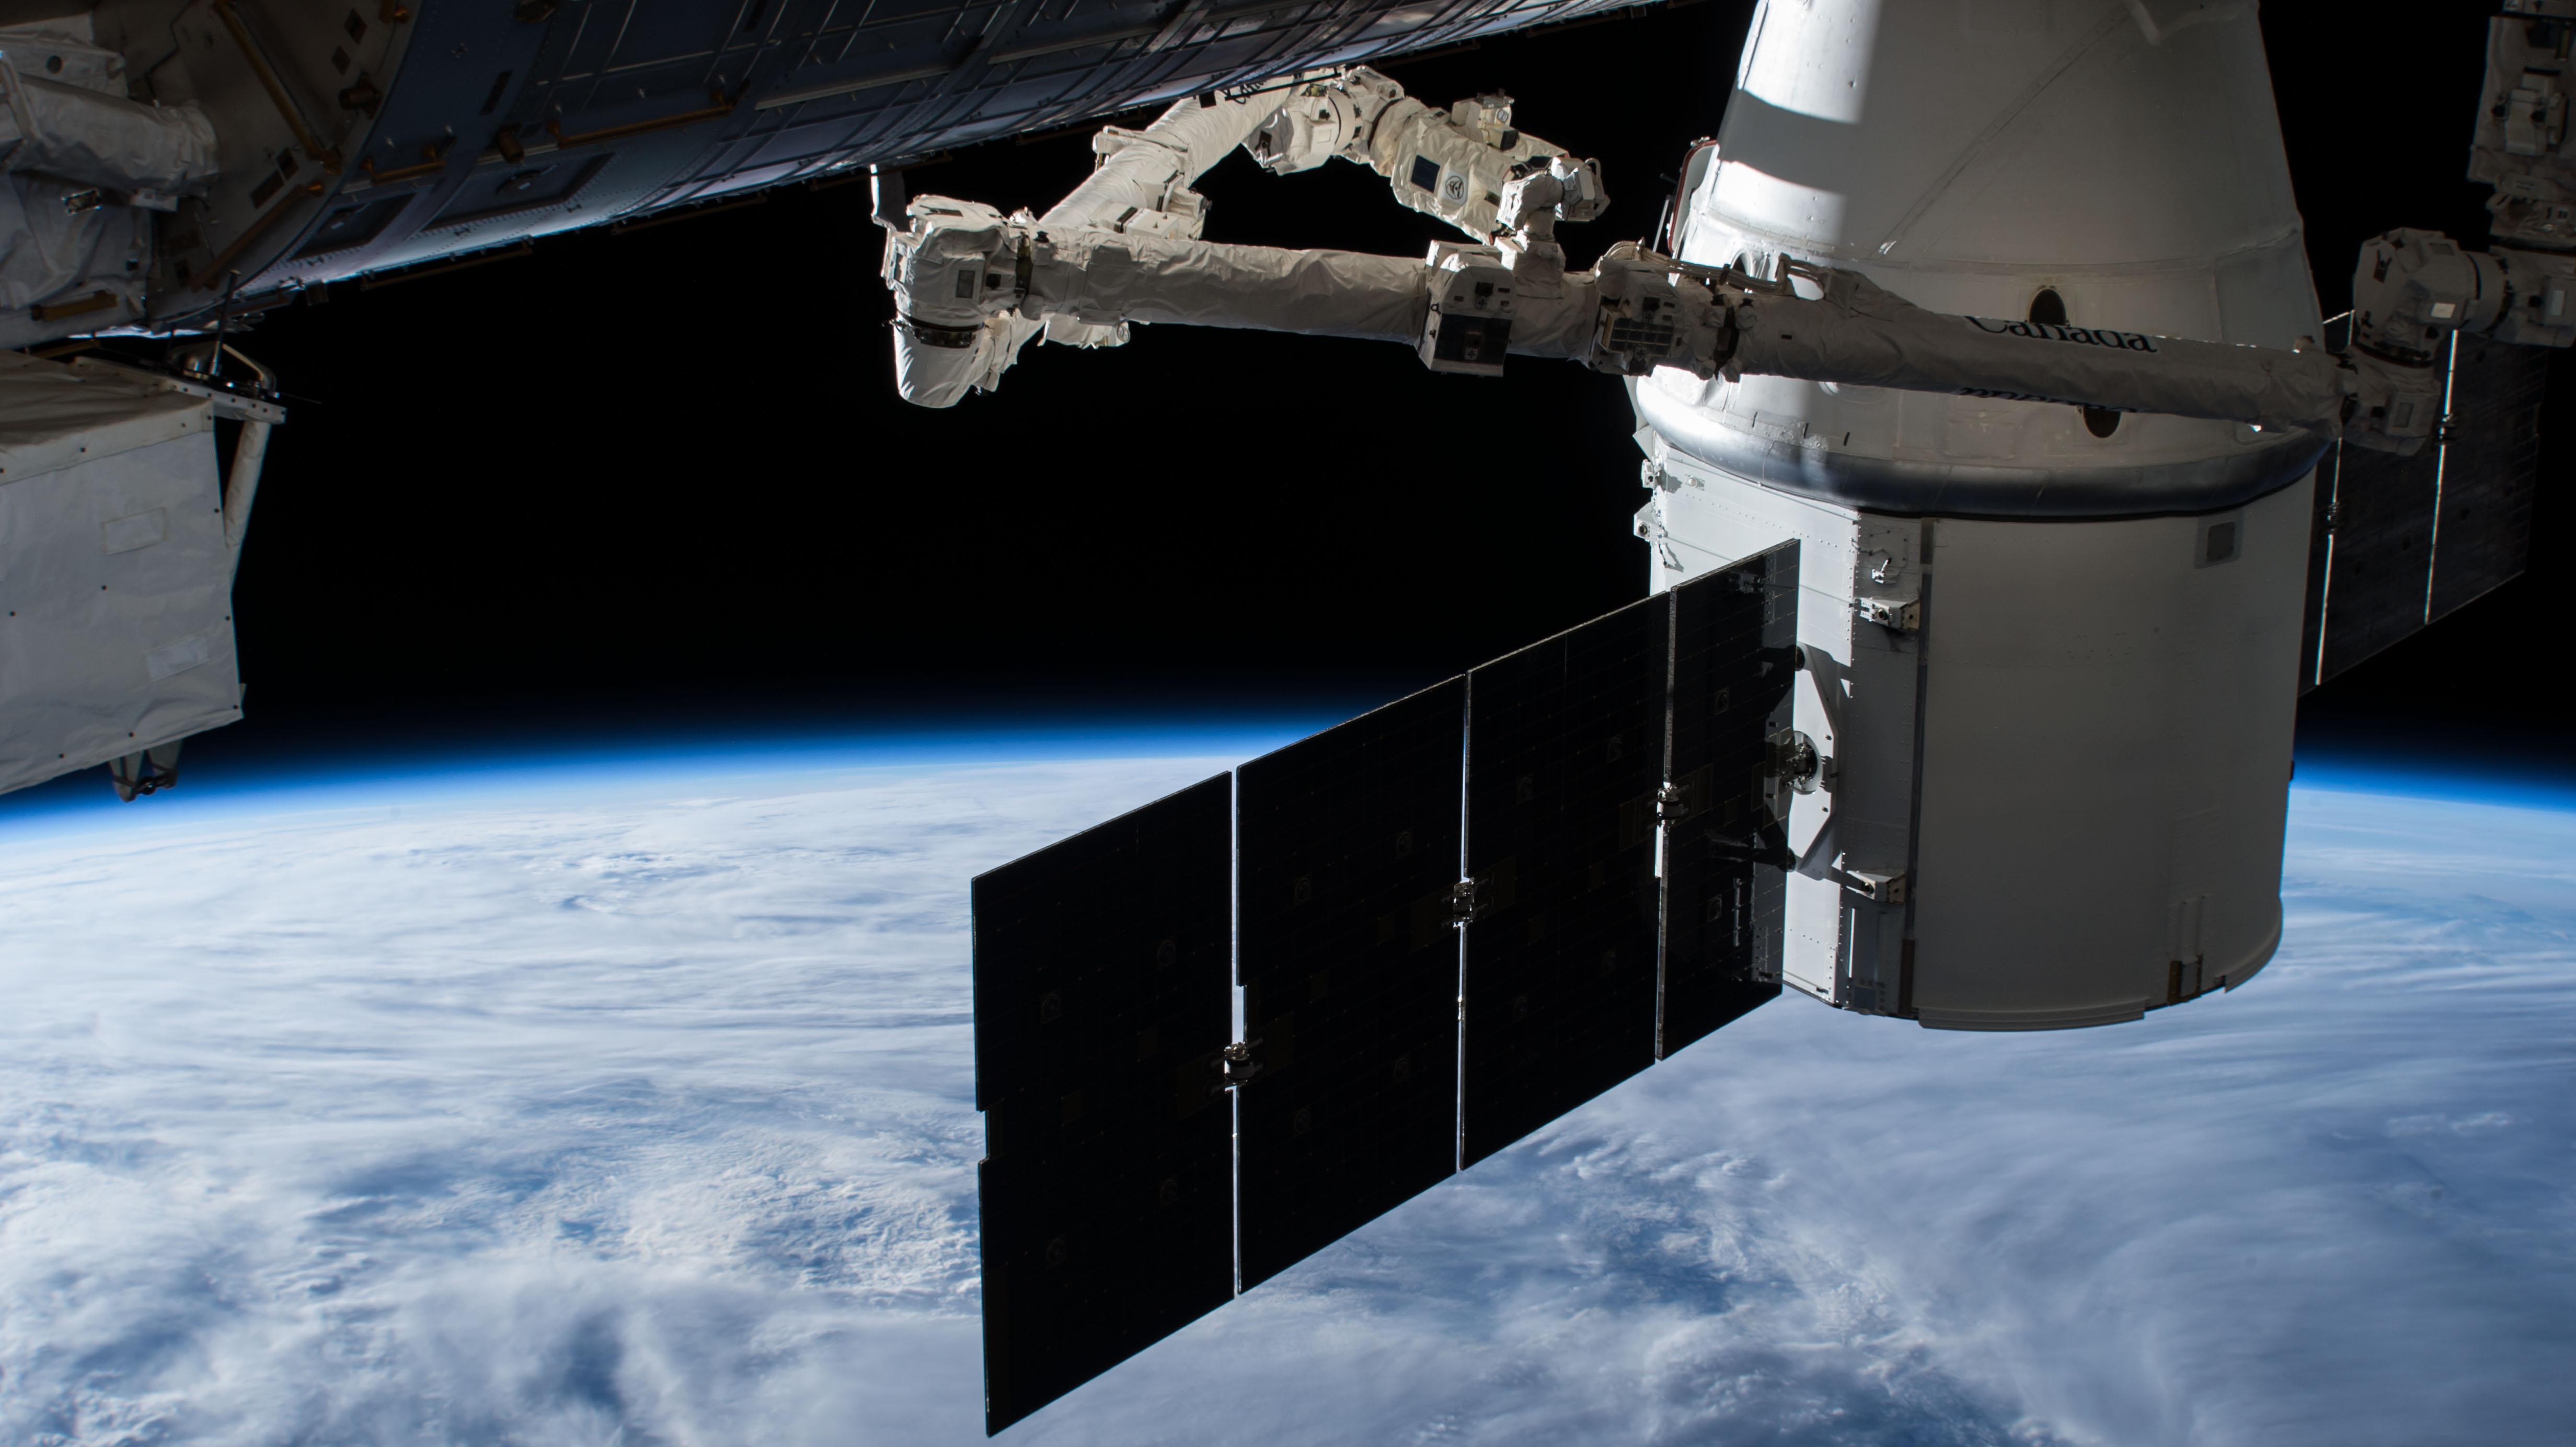 CRS-15 Cargo Dragon 070318 (NASA)